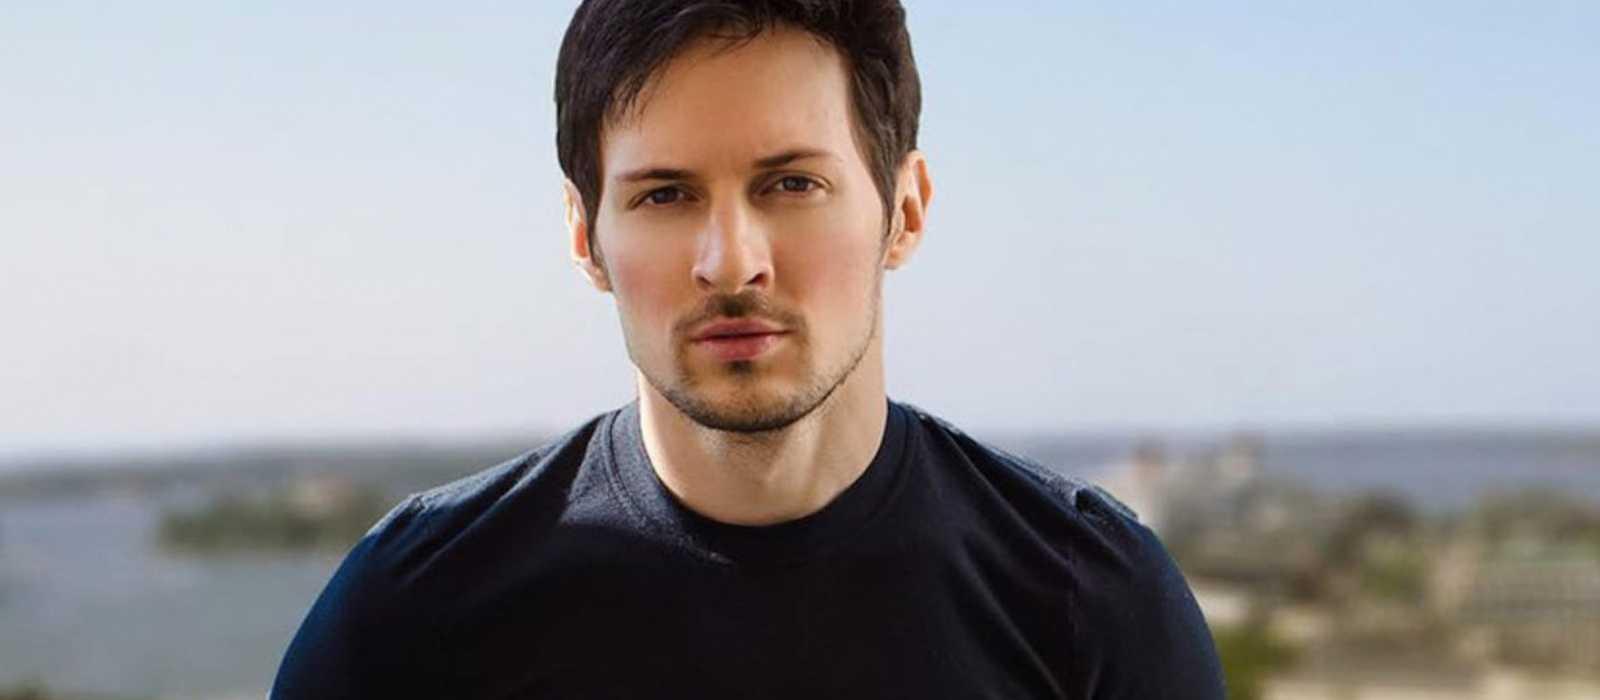 Trinken oder essen Sie kein Fleisch: Pavel Durov enthüllte den Abonnenten das Geheimnis der Erhaltung der Jugend